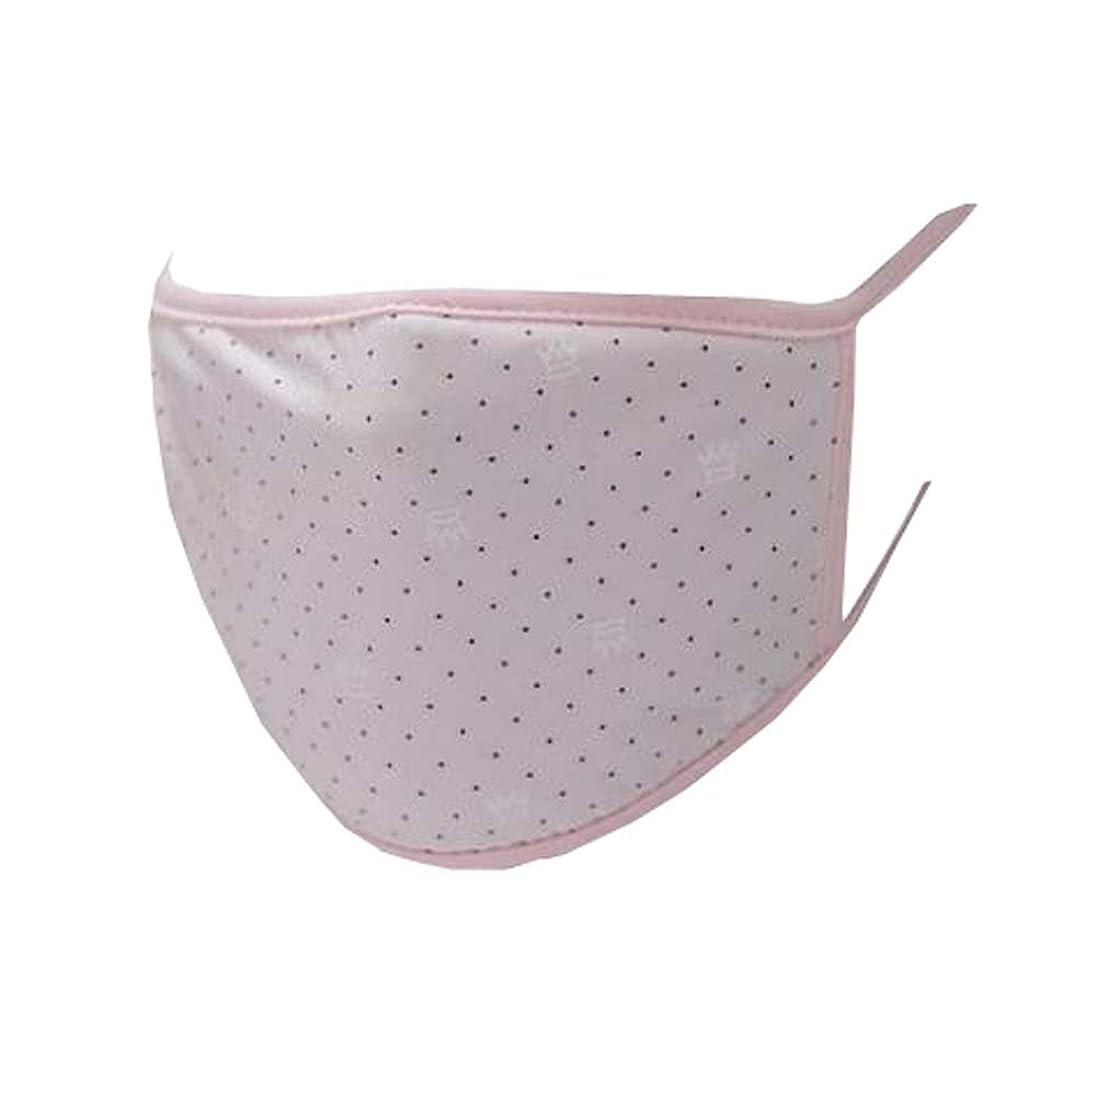 ホイップメッセンジャー政治的口マスク、再使用可能フィルター - 埃、花粉、アレルゲン、抗UV、およびインフルエンザ菌 - A